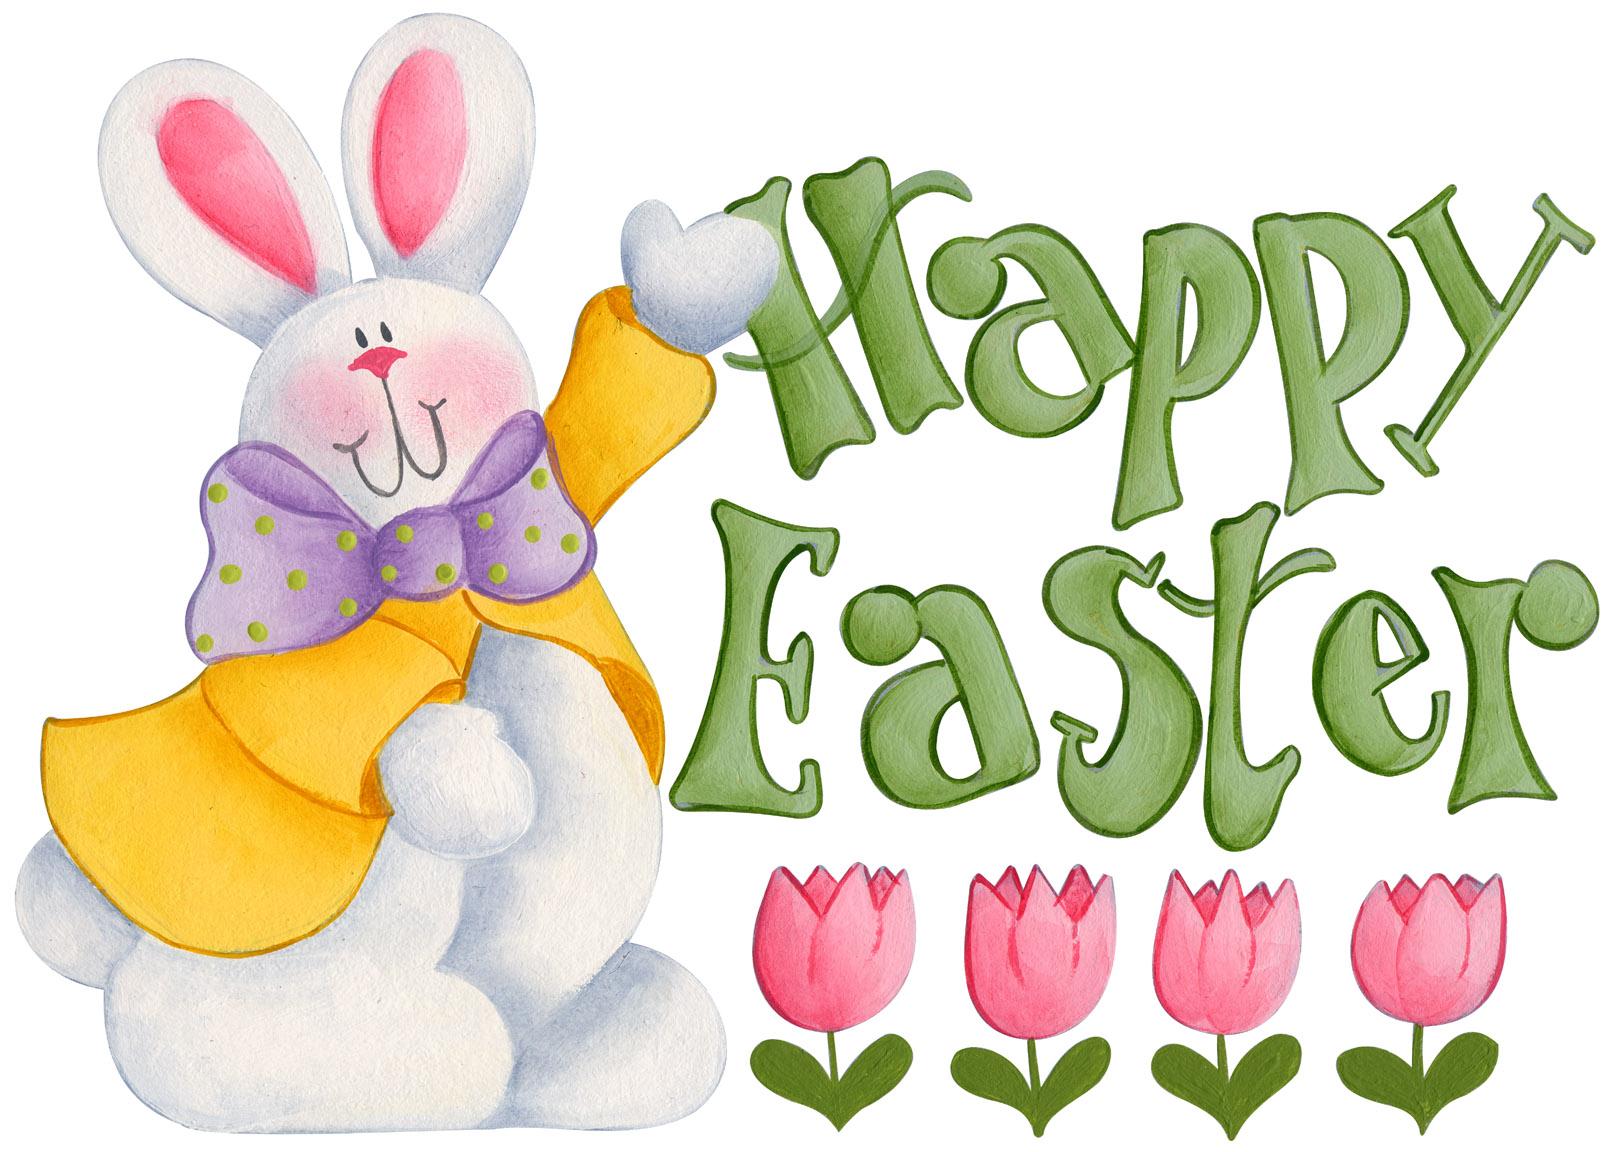 Easter.com - Hallmark.com - Easter Domains